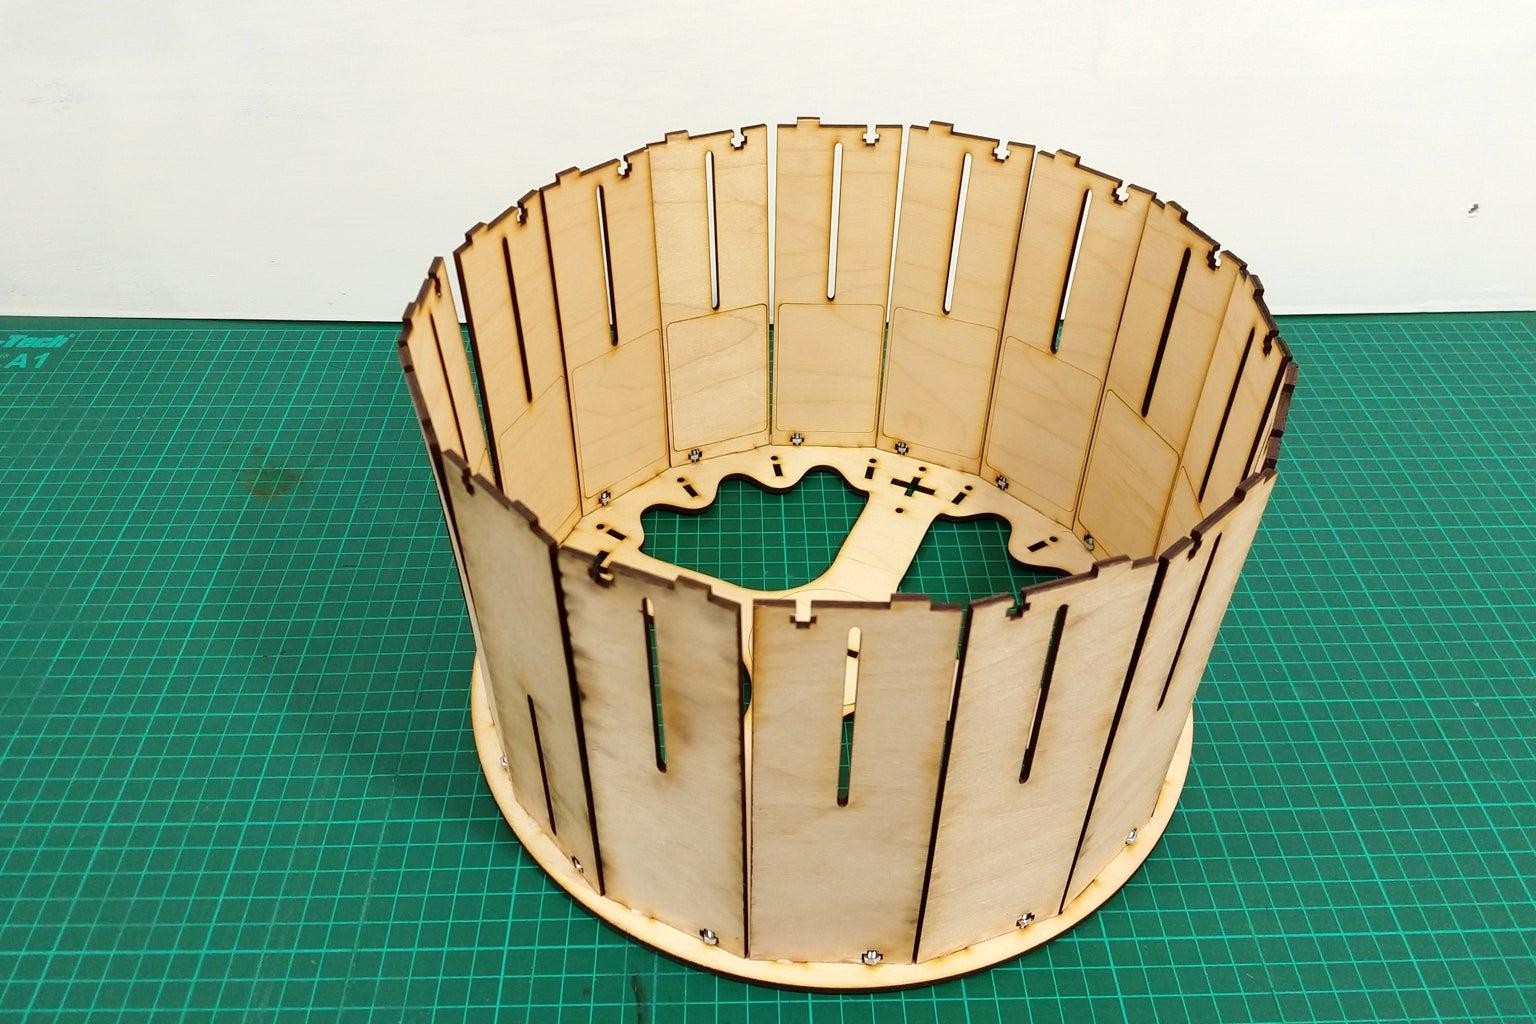 Build the Drum